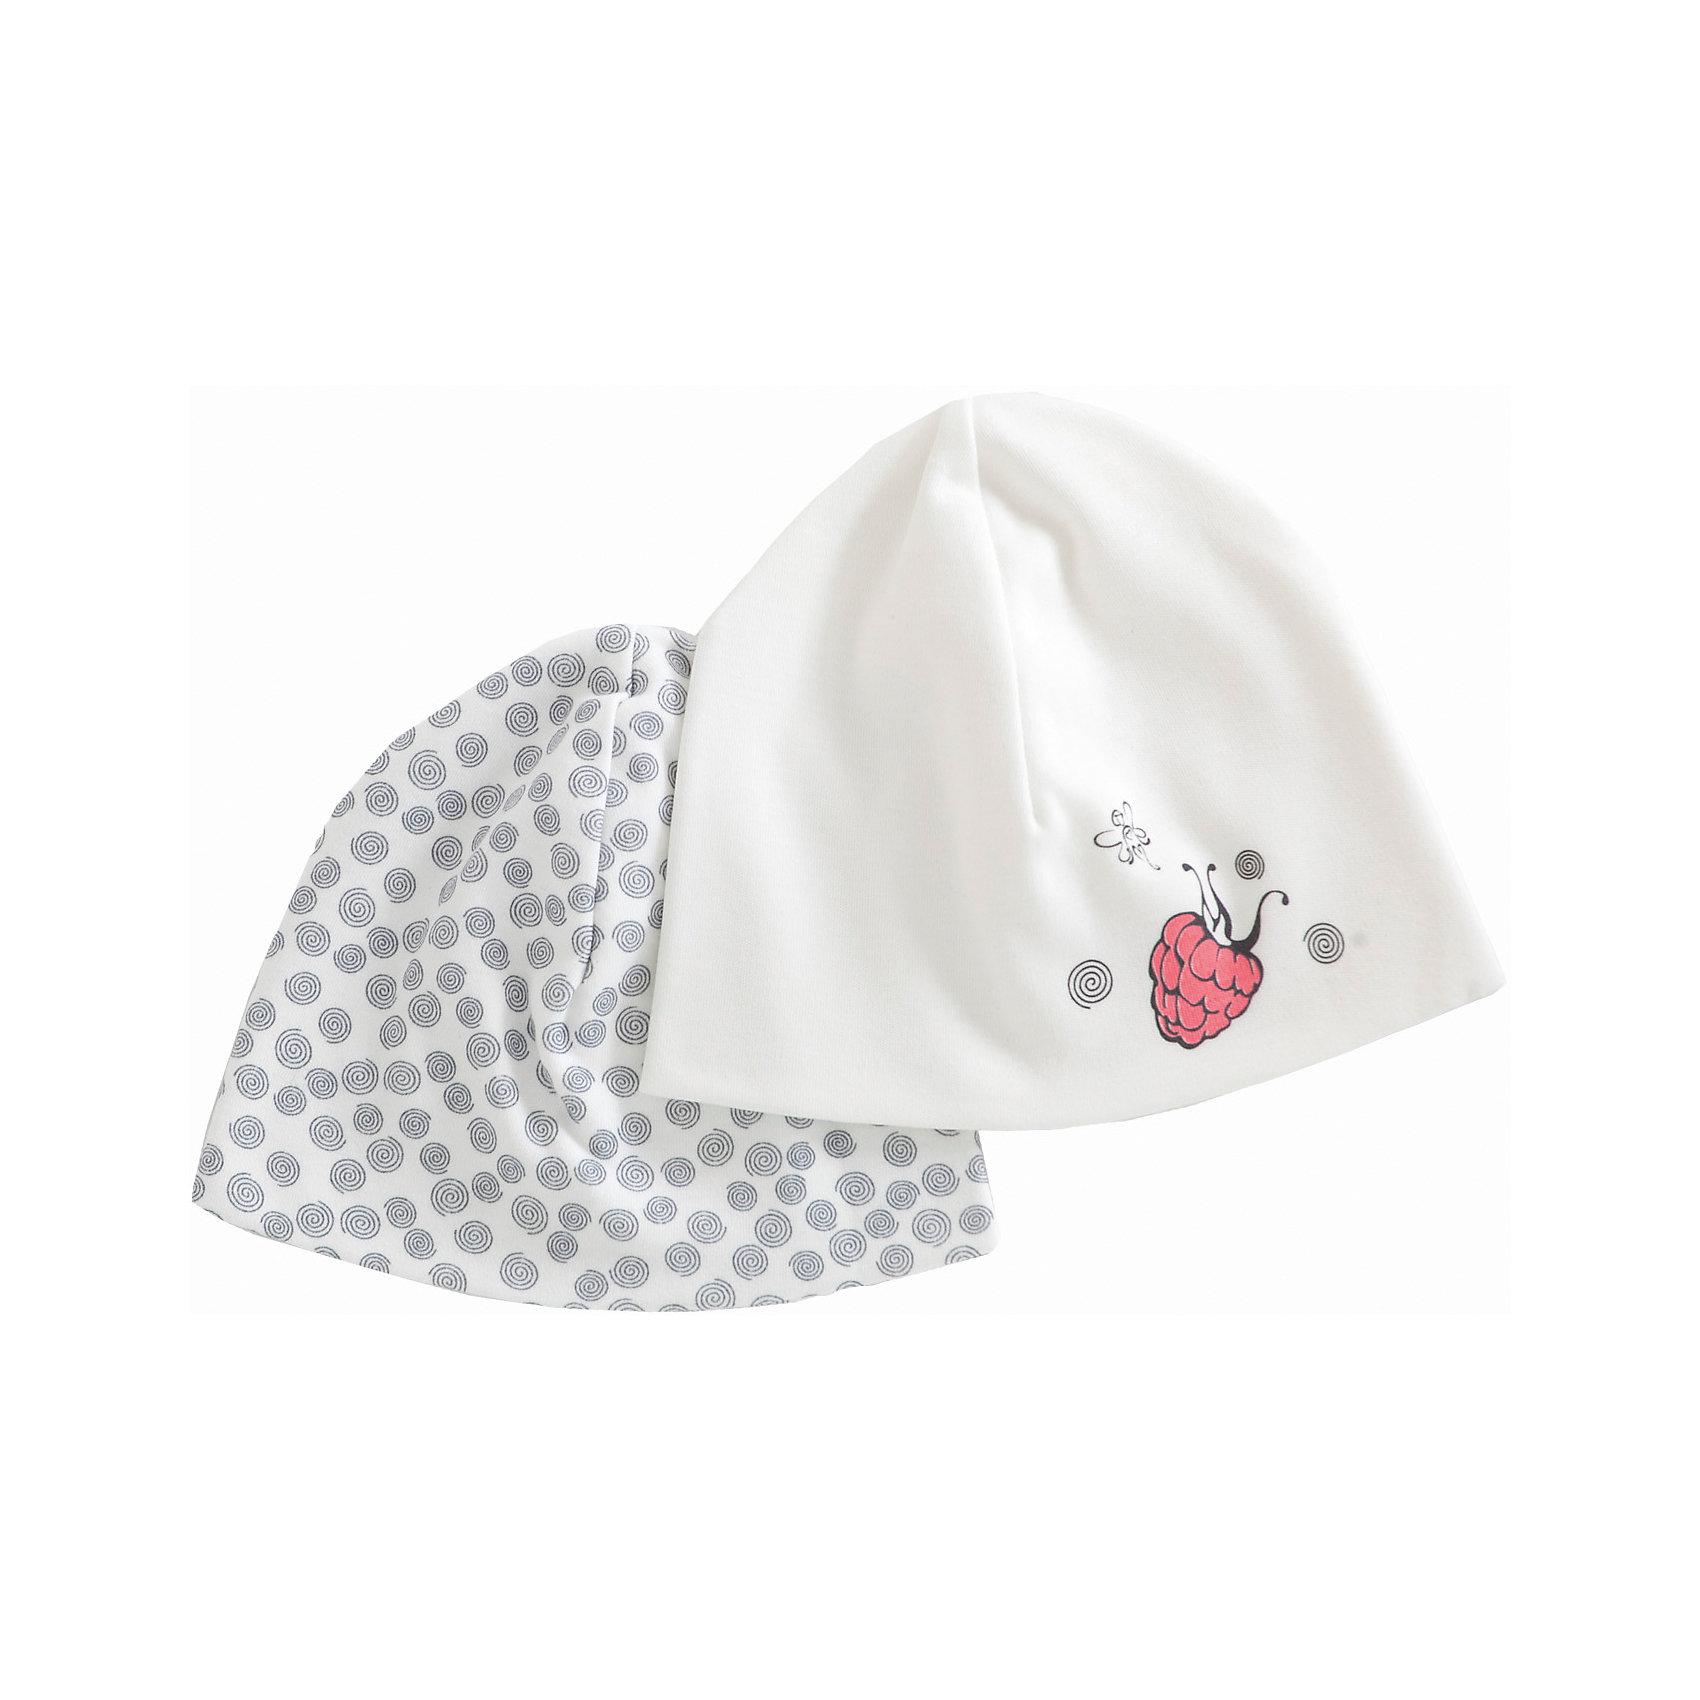 Шапка ,2 шт МамуляндияШапочки<br>Шапка ,2 шт Мамуляндия<br>Комплект шапочек (2 шт.) для девочки из дизайнерской коллекции Ягодки, выполнен из трикотажного полотна высшего качества. <br>Декорирован гипоаллергенным принтом на водной основе. <br><br>Состав 100% хлопок (интерлок-пенье). <br>Рекомендации по уходу: стирать при 40 С, гладить при средней температуре, носить с удовольствием!<br>Состав:<br>100% хлопок<br><br>Ширина мм: 89<br>Глубина мм: 117<br>Высота мм: 44<br>Вес г: 155<br>Цвет: серый<br>Возраст от месяцев: 0<br>Возраст до месяцев: 3<br>Пол: Женский<br>Возраст: Детский<br>Размер: 40,52,44,48<br>SKU: 5513703